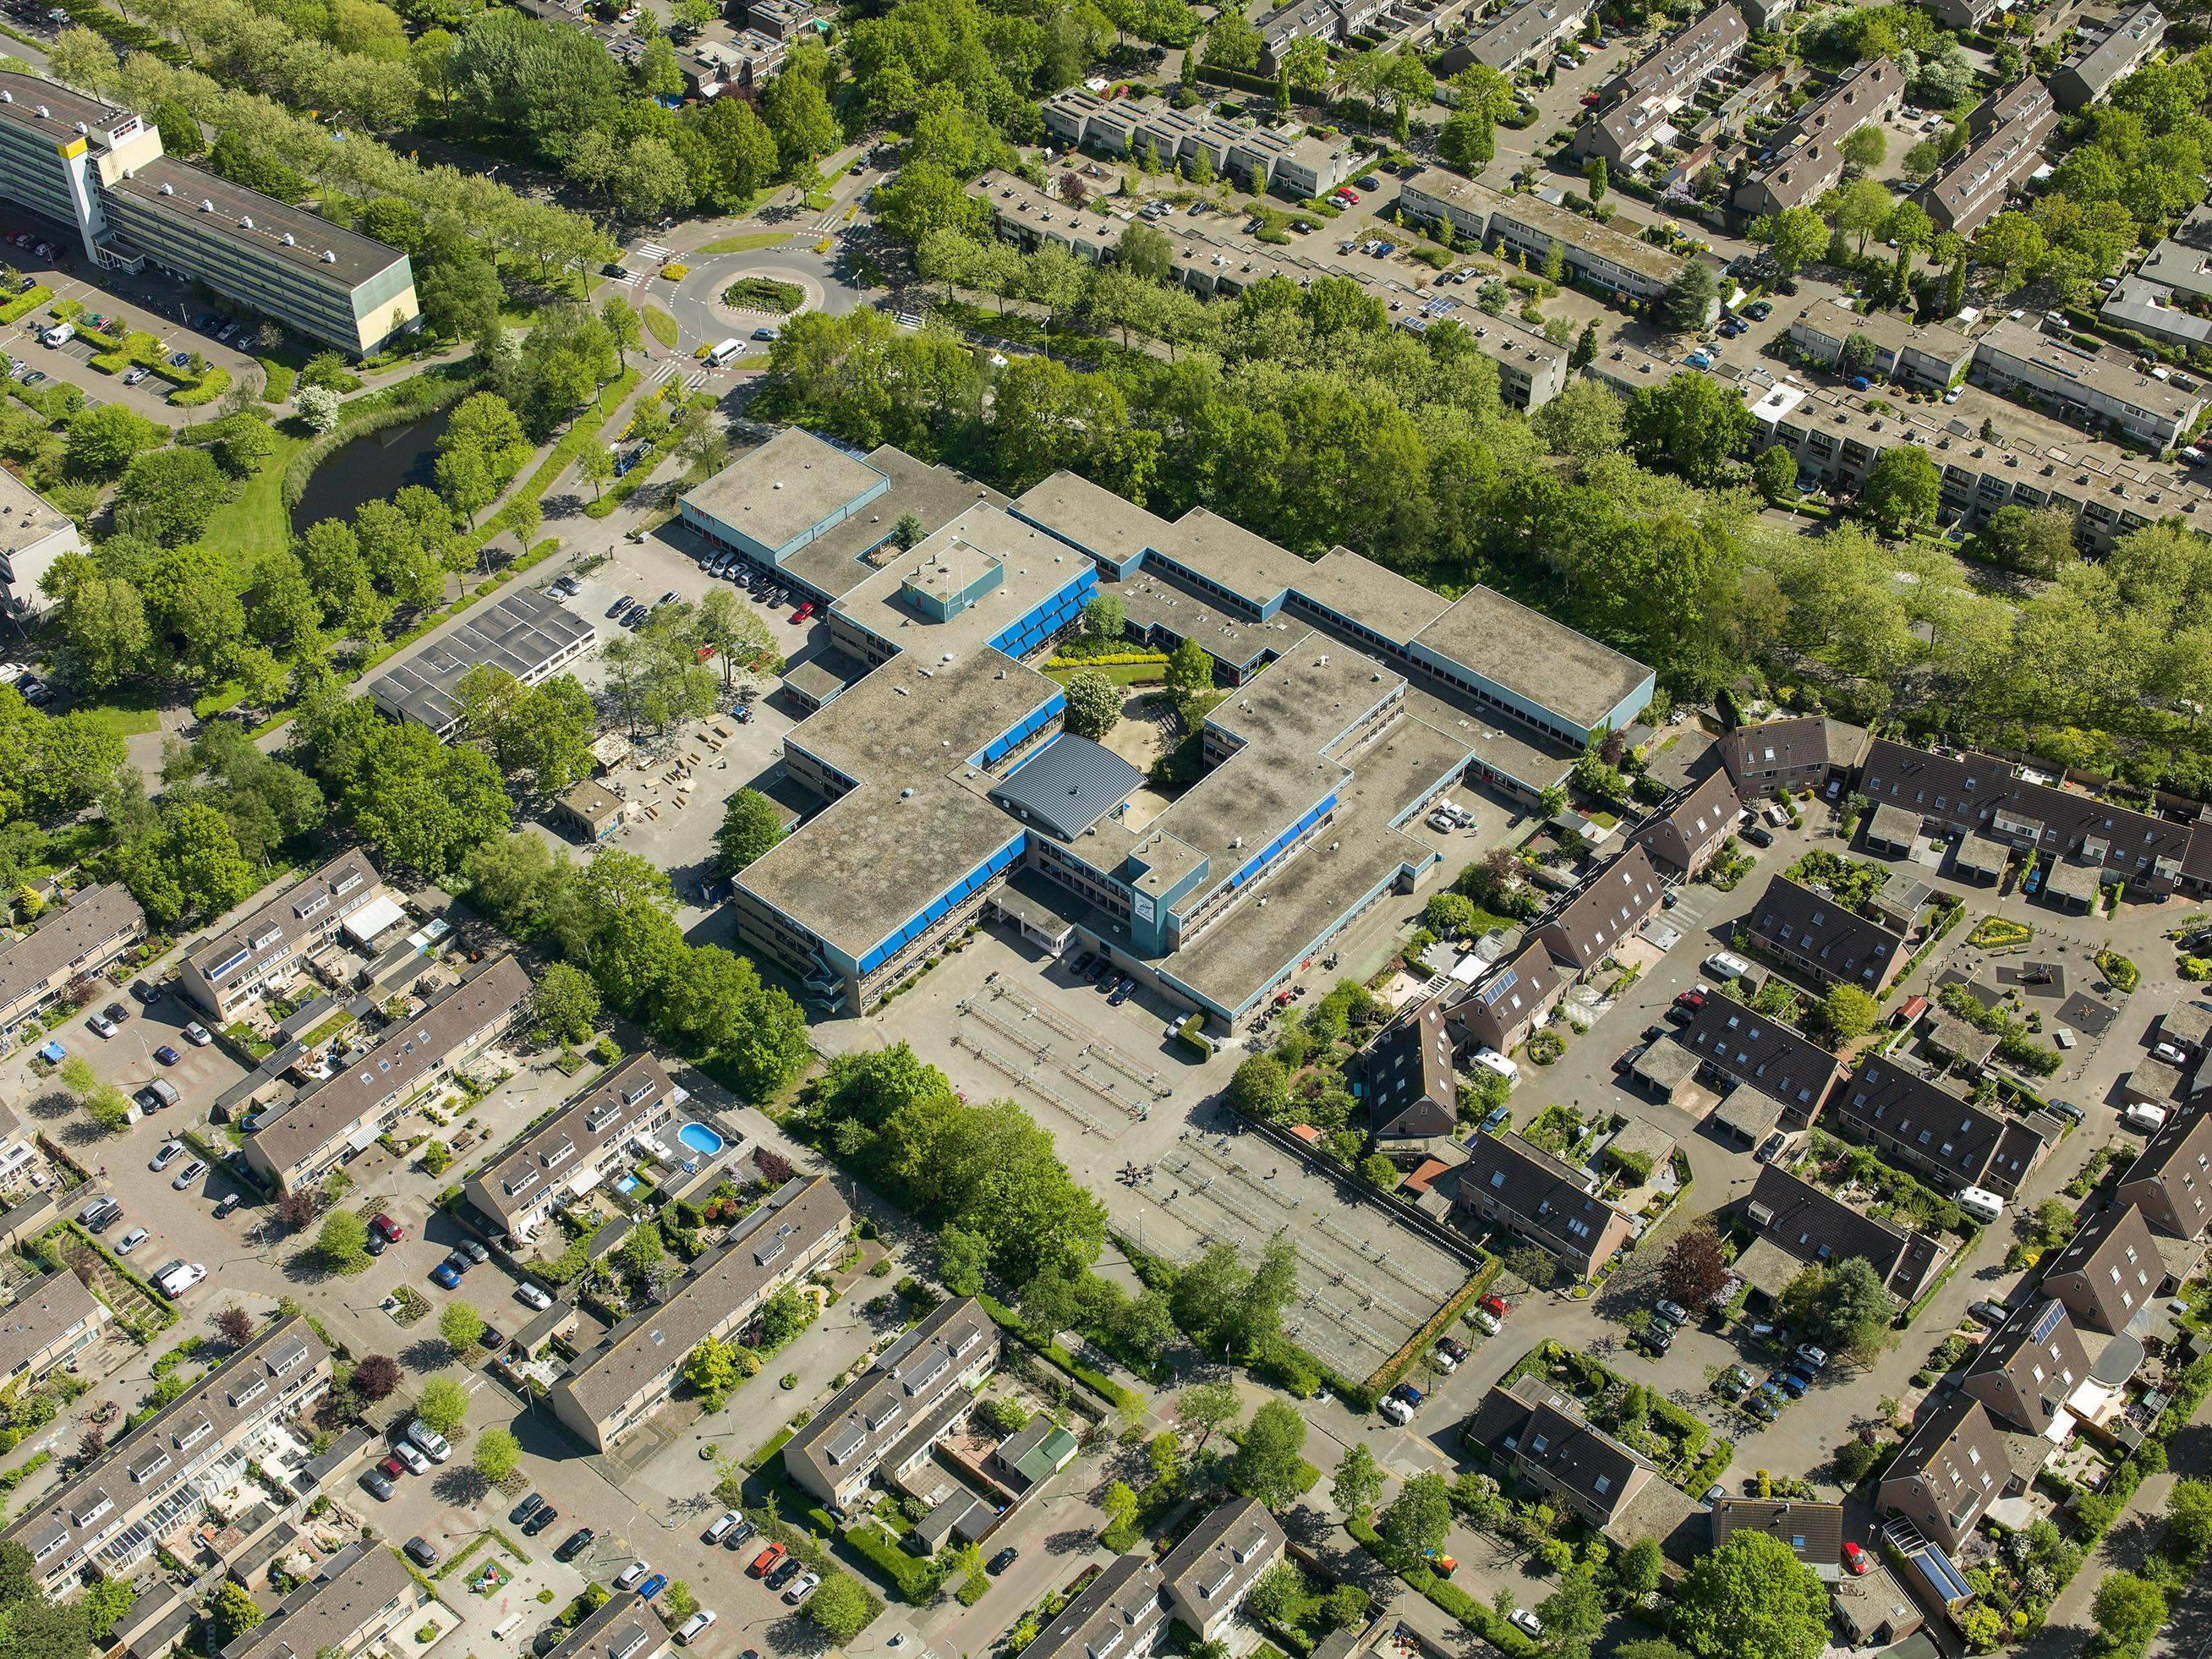 Vijftien miljoen euro extra voor nieuwbouw Scala College en Ashram College in Alphen aan den Rijn: 'Impasse is doorbroken'